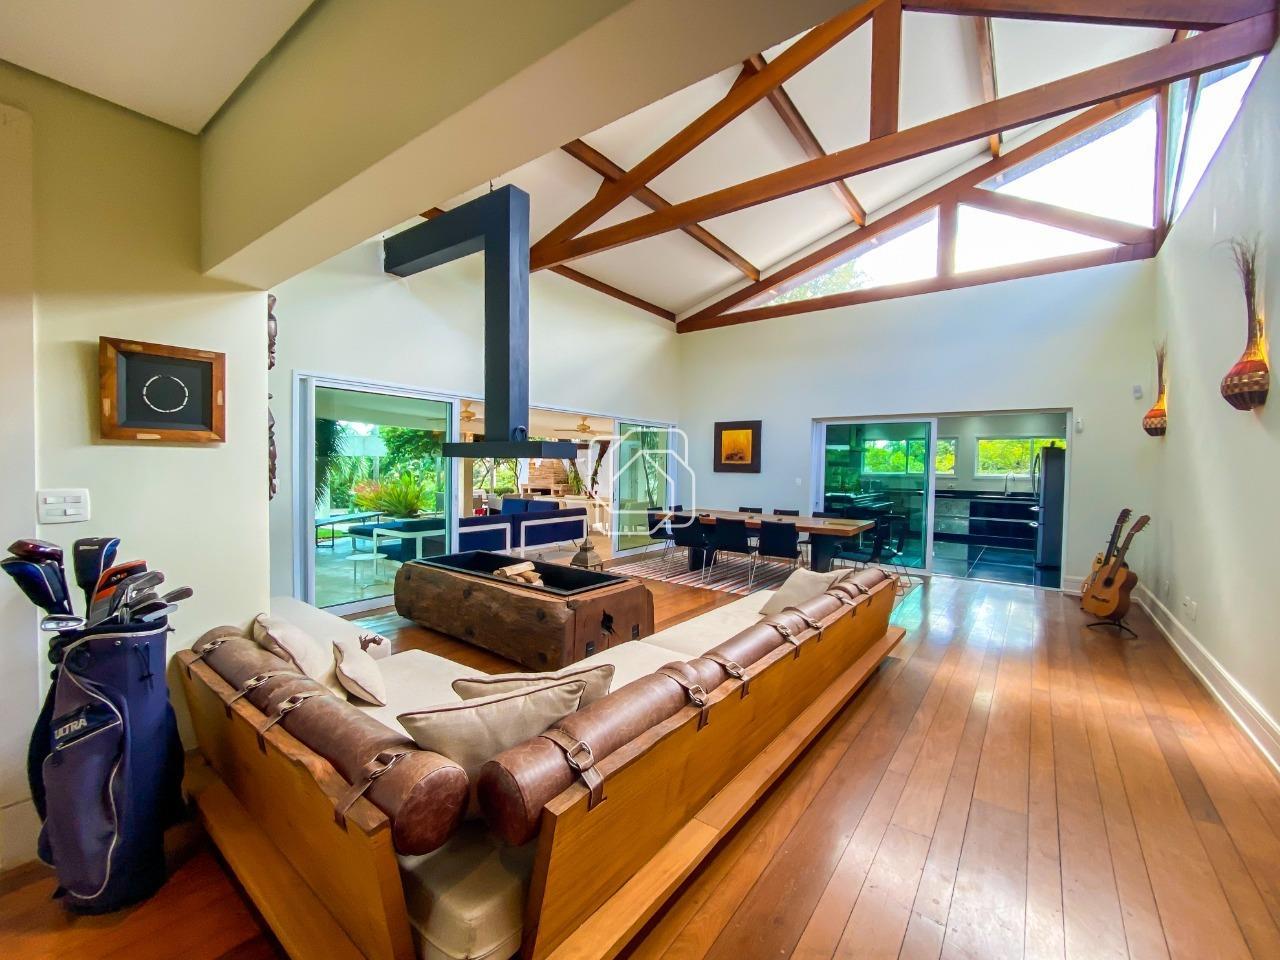 Casa de Condomínio à venda no Recanto dos Pássaros: Casa à venda no Condomínio Recanto dos Pássaros - Indaiatuba/SP